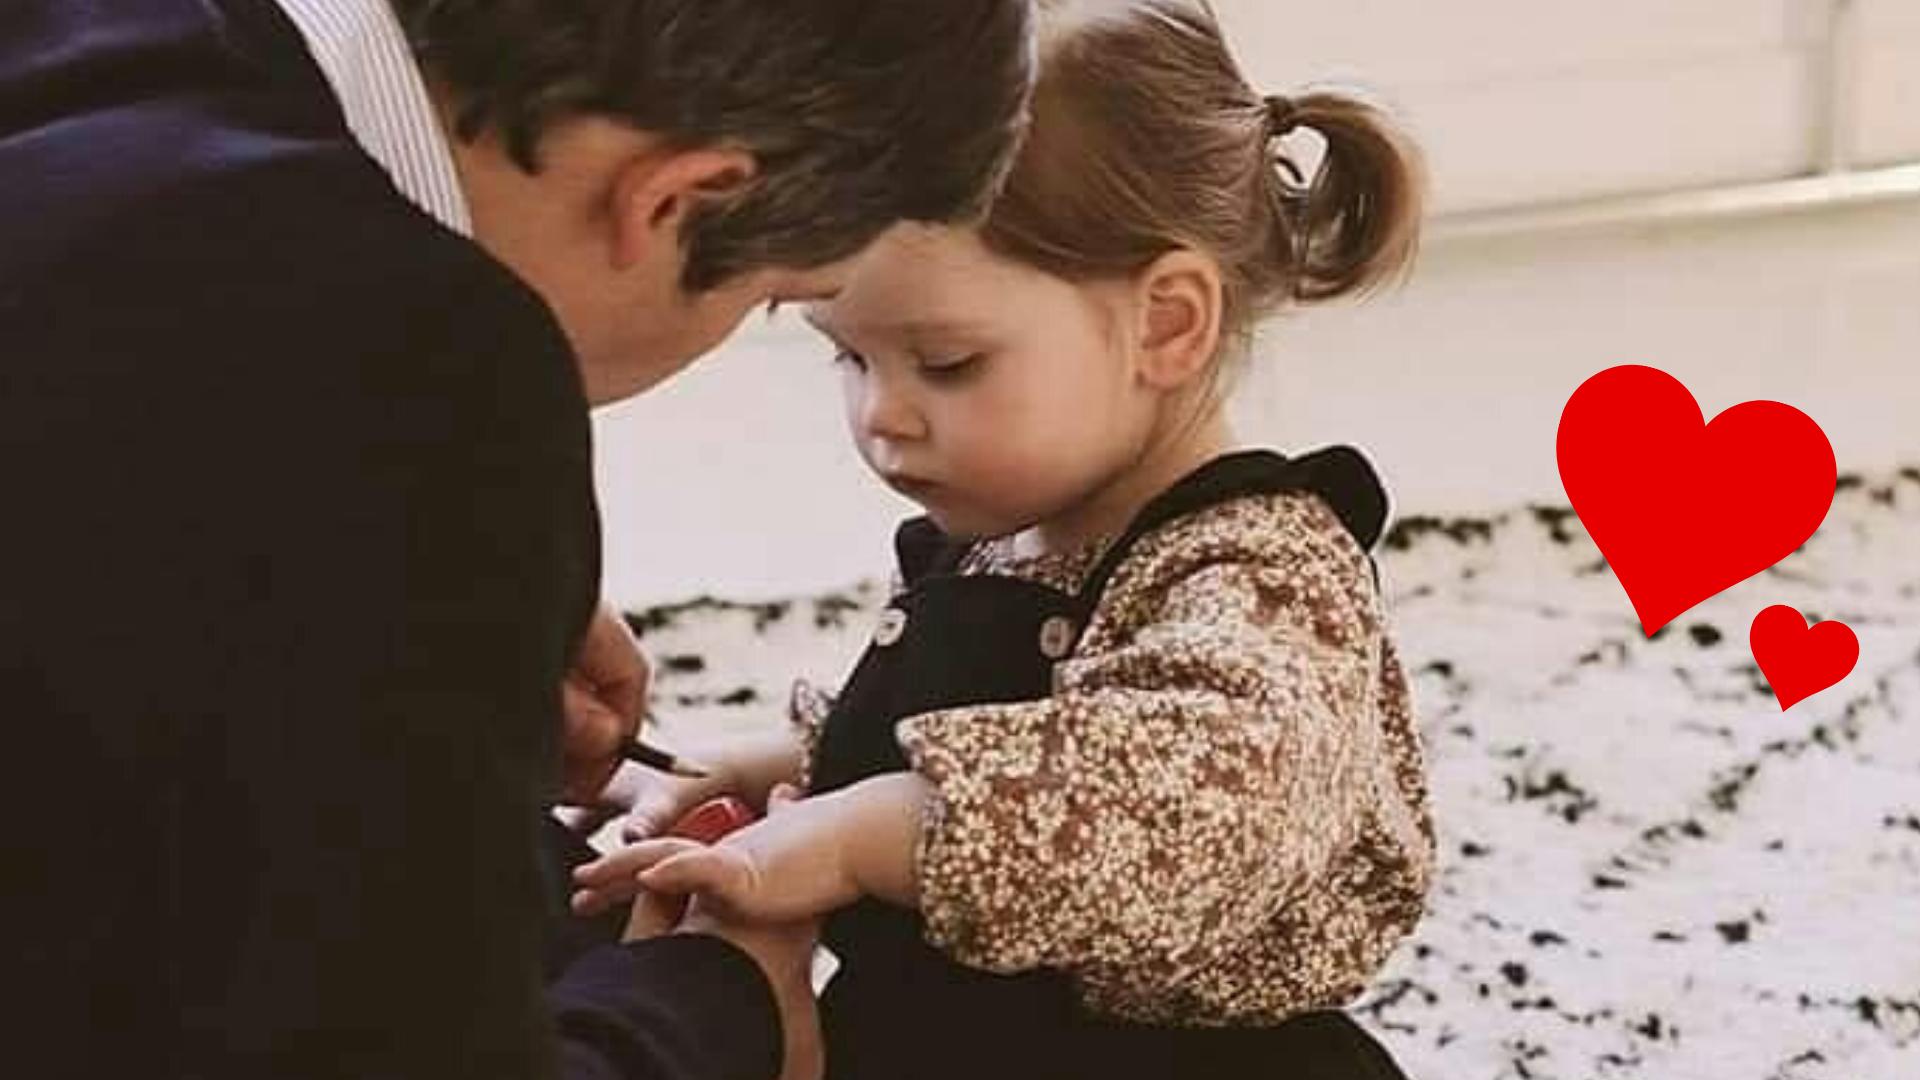 Ama a tu hija de la forma en que quieres que sea amada en el futuro